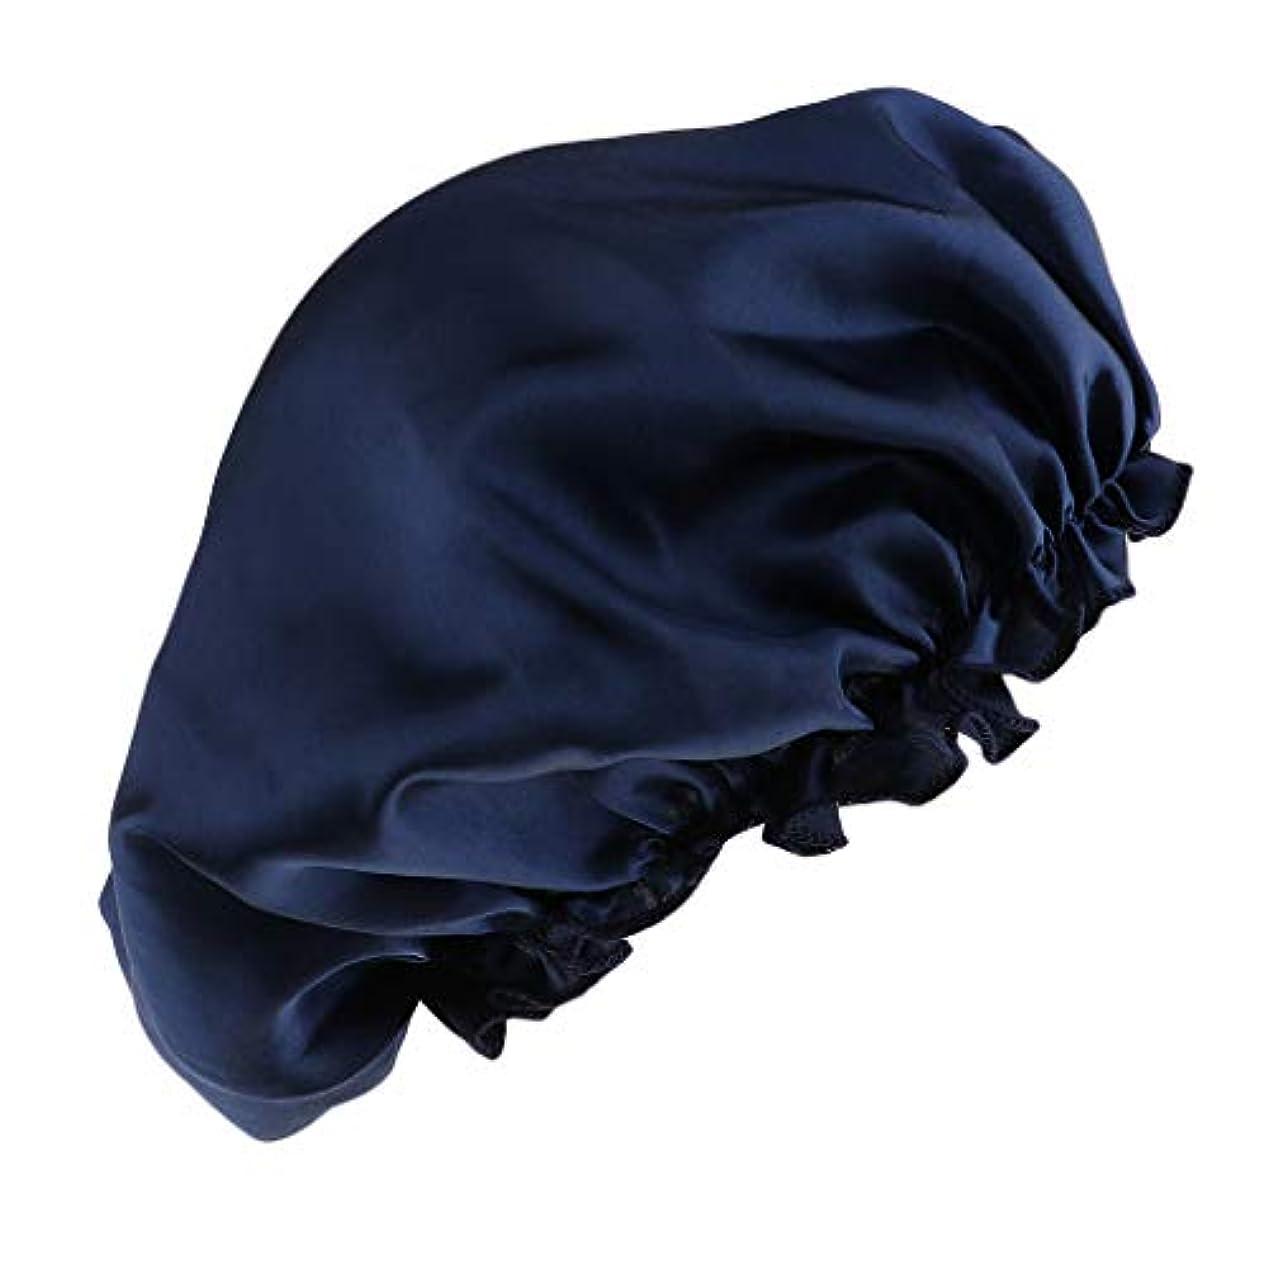 全能服を着る逃げるシャワーキャップ シルクサテンキャップ シルクサテン帽子 美容ヘッドカバー 浴用帽子 全8色 - 紺